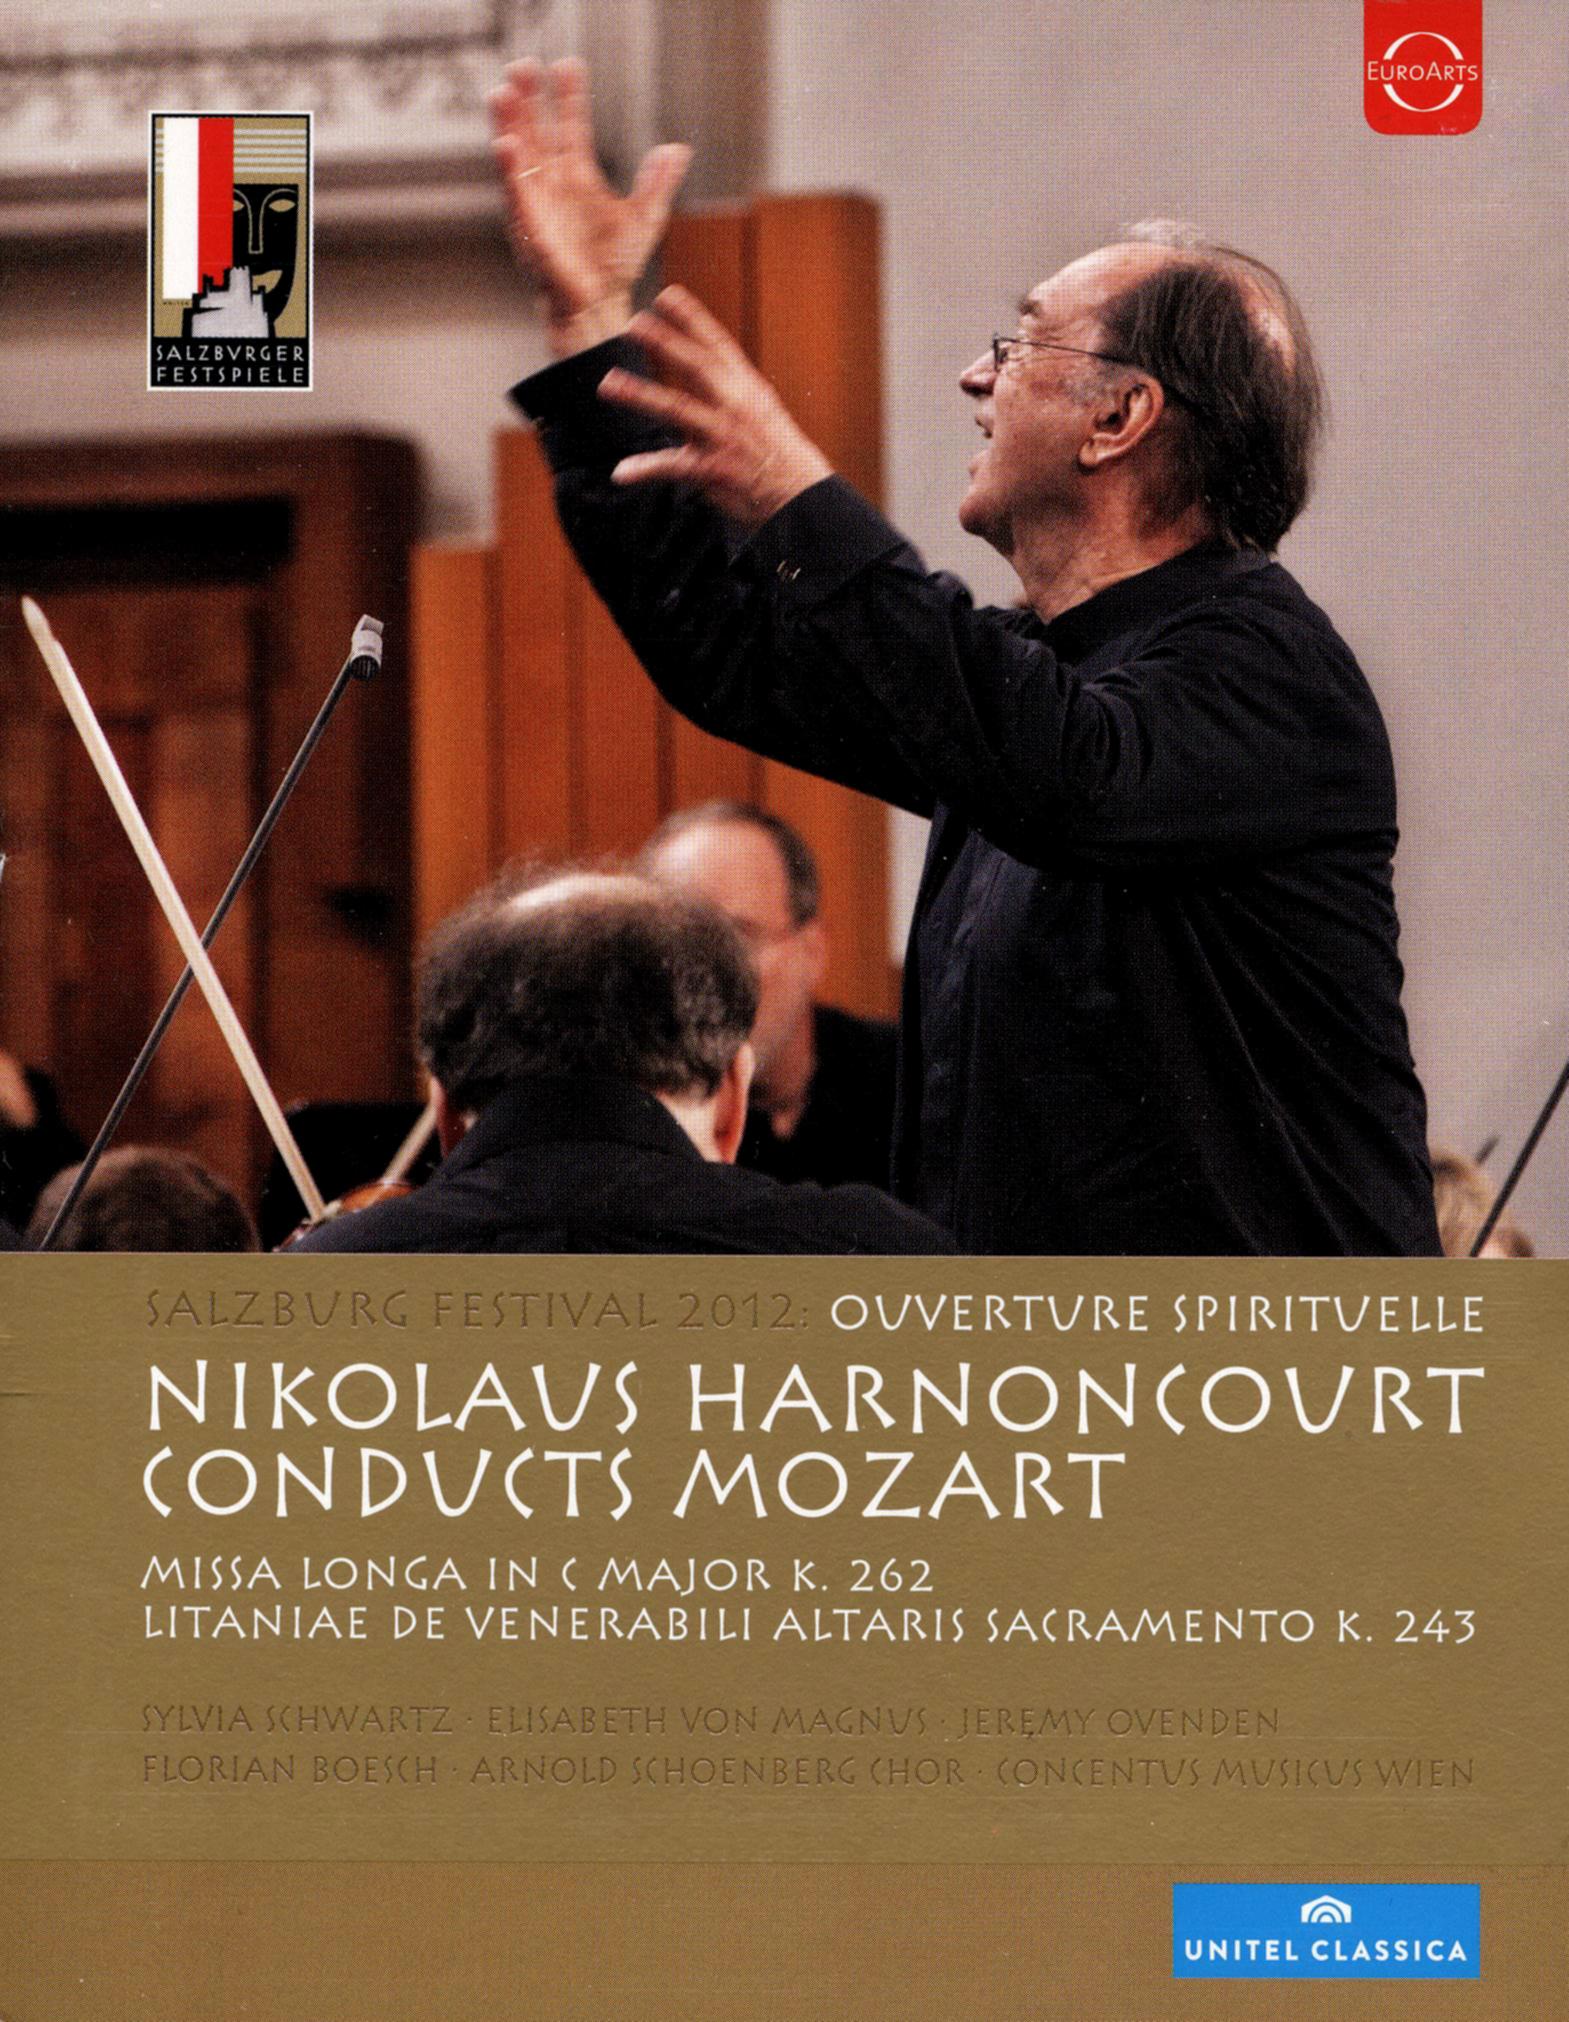 Salzburg Festival 2012: Ouverture Spirituelle - Nikolaus Harnoncourt Conducts Mozart